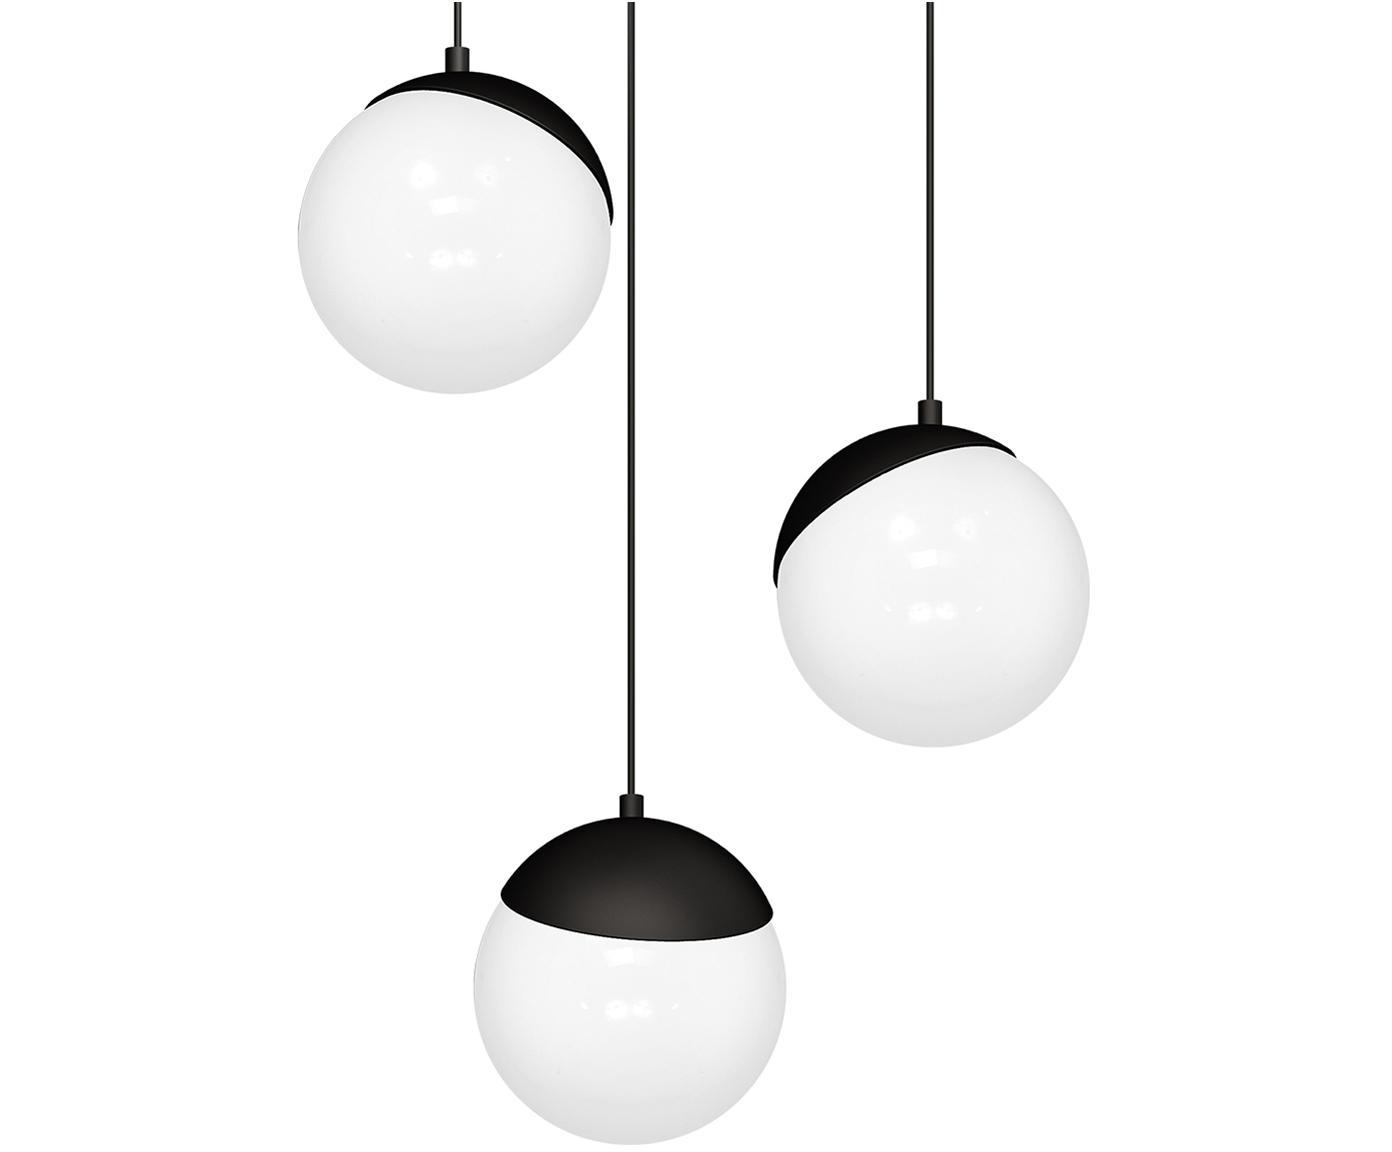 Pendelleuchte Sfera aus Opalglas, Lampenschirm: Opalglas, Schwarz, Opalweiß, Ø 35 x H 90 cm